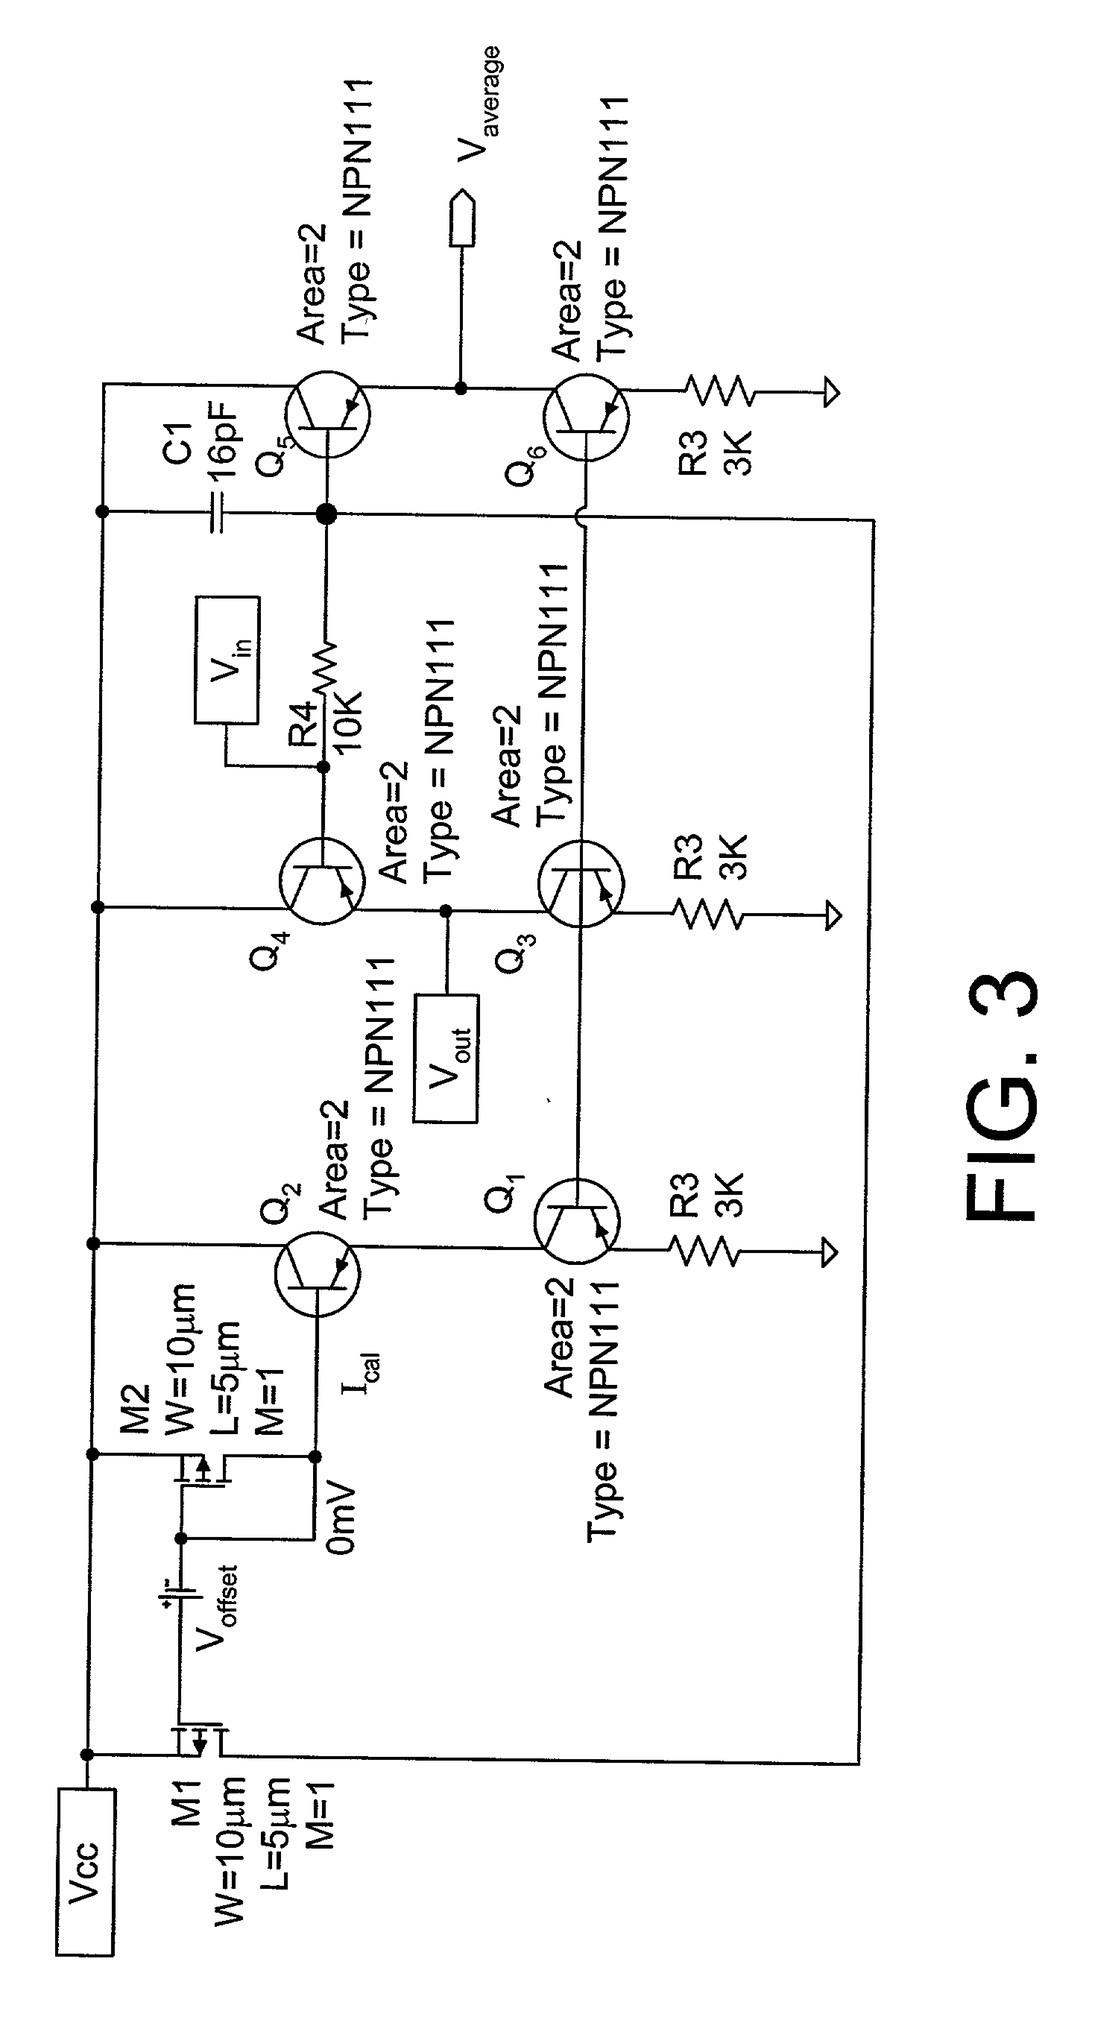 Solar Led Light Circuit ac Filter Circuit Wiring Diagram Ponents Solar Led Light Circuit